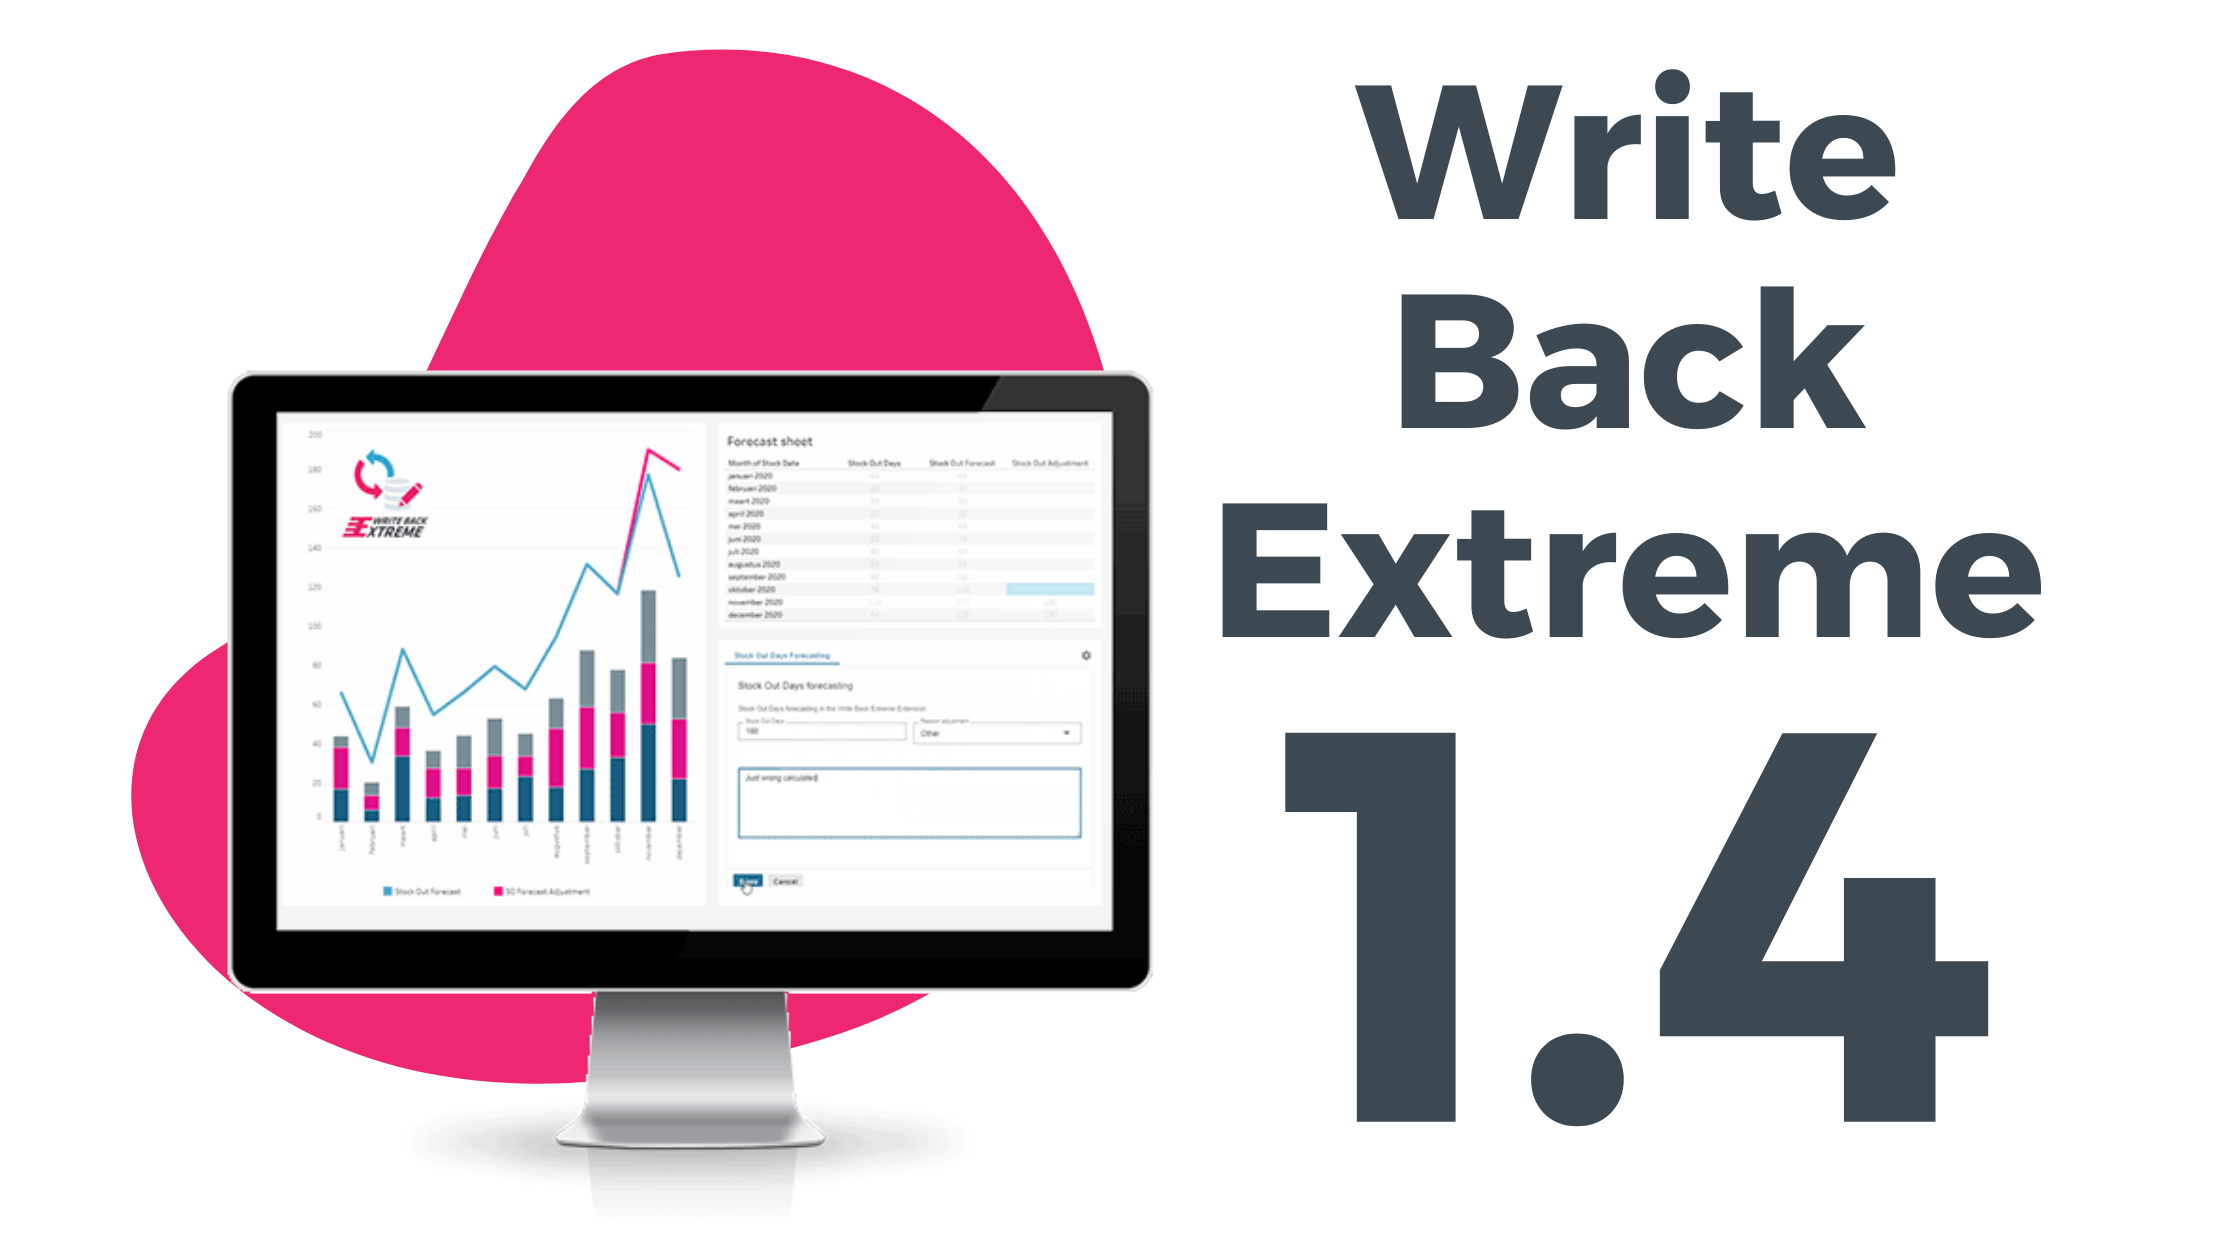 WriteBackExtreme new 1.4 update